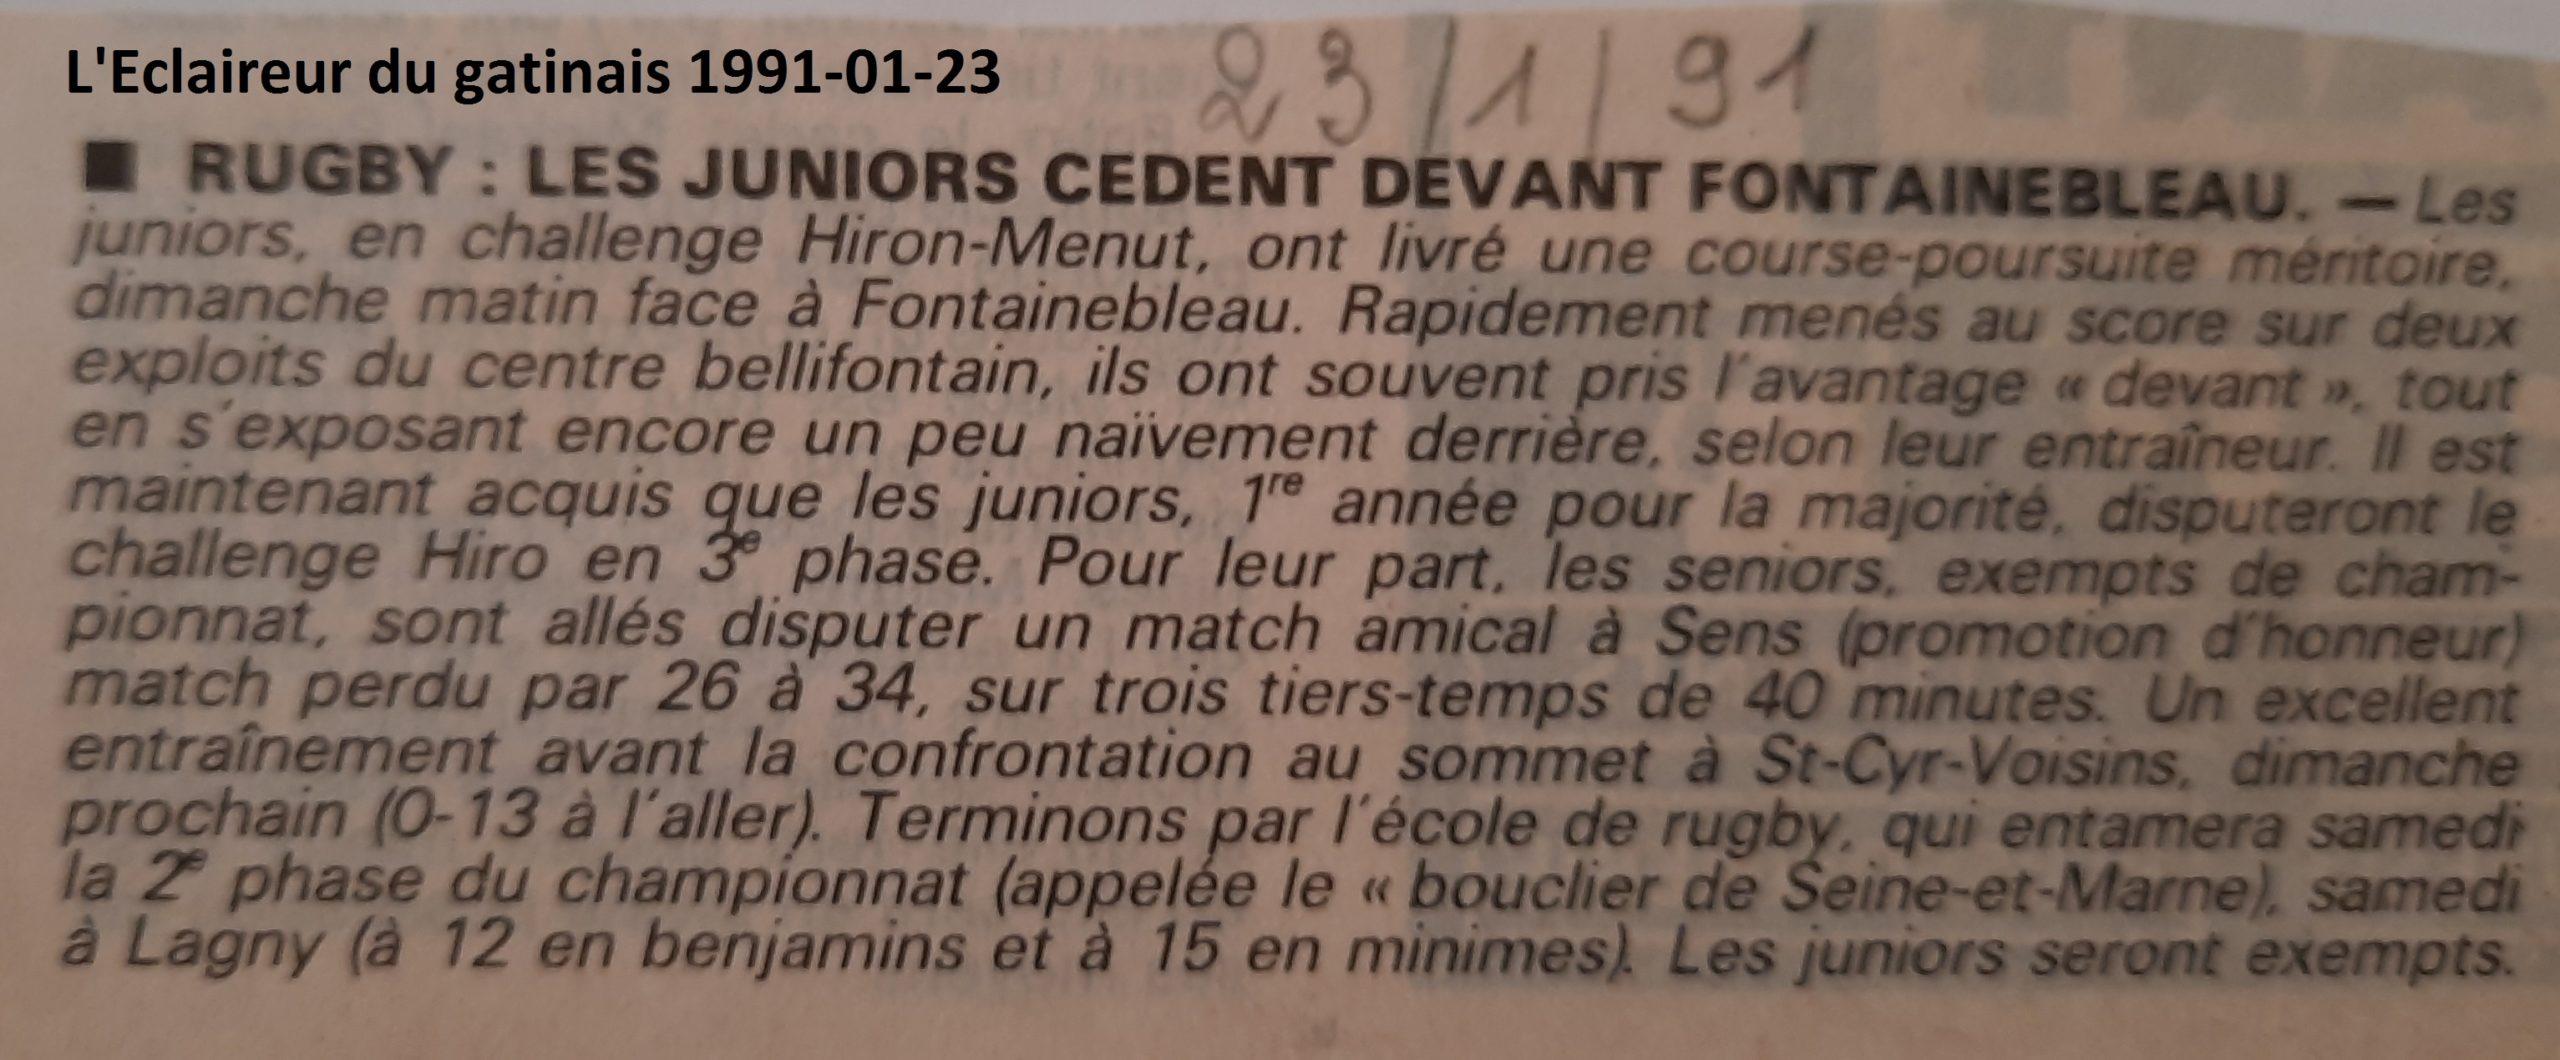 Eclaireur du gâtinais 1991-01-23